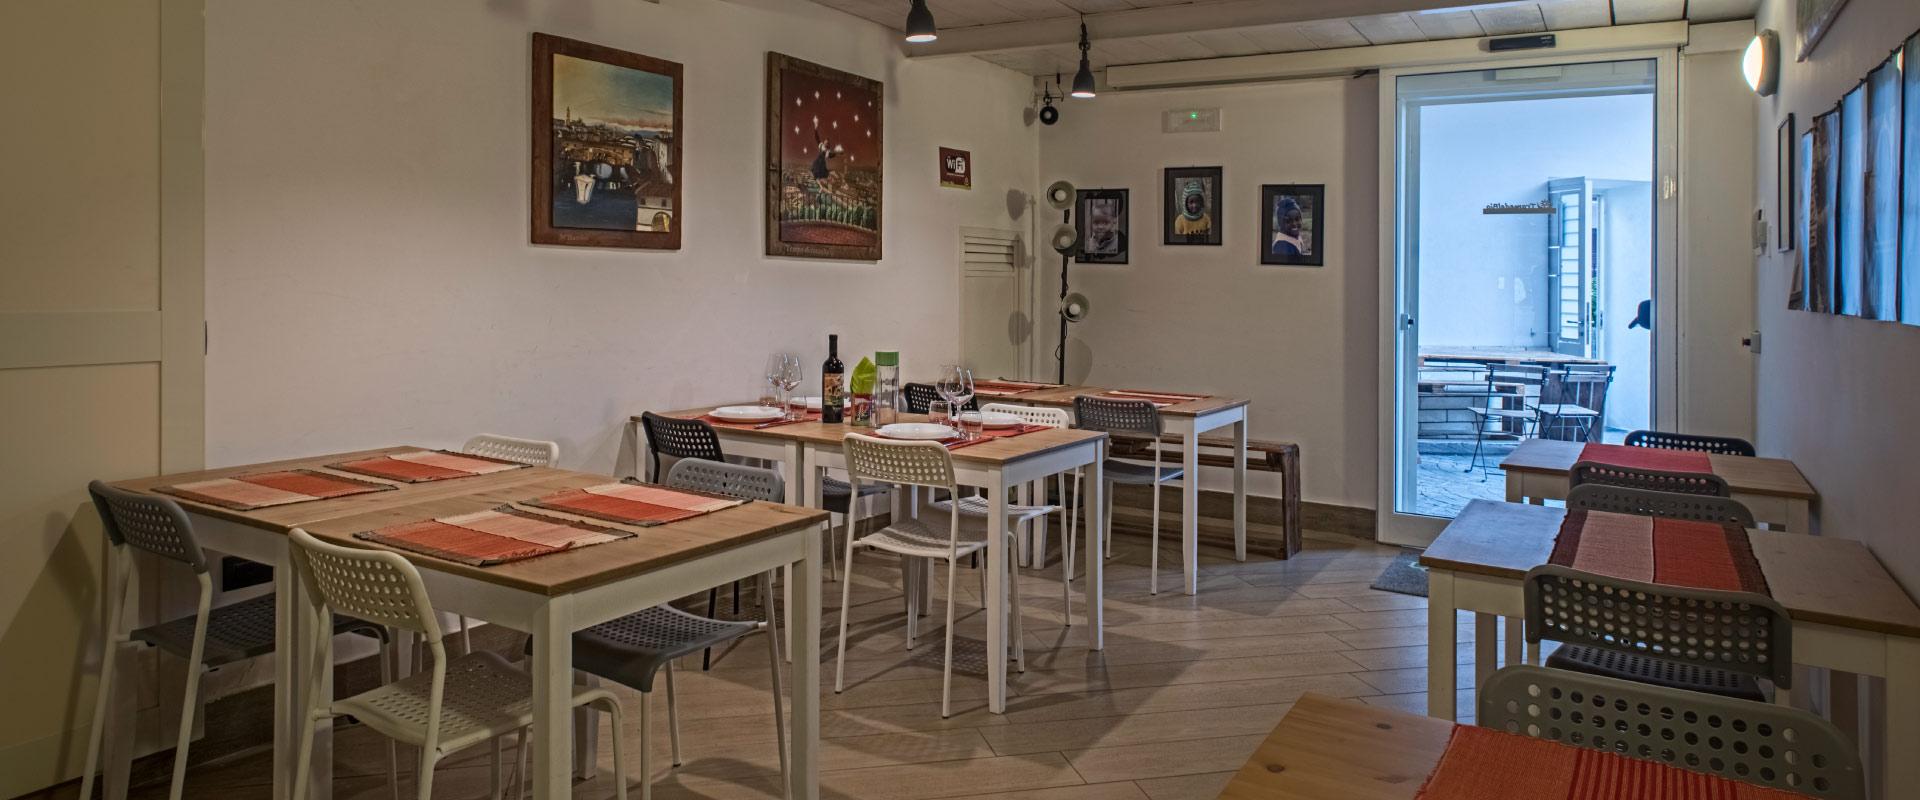 gastronomia-a-scafati-2